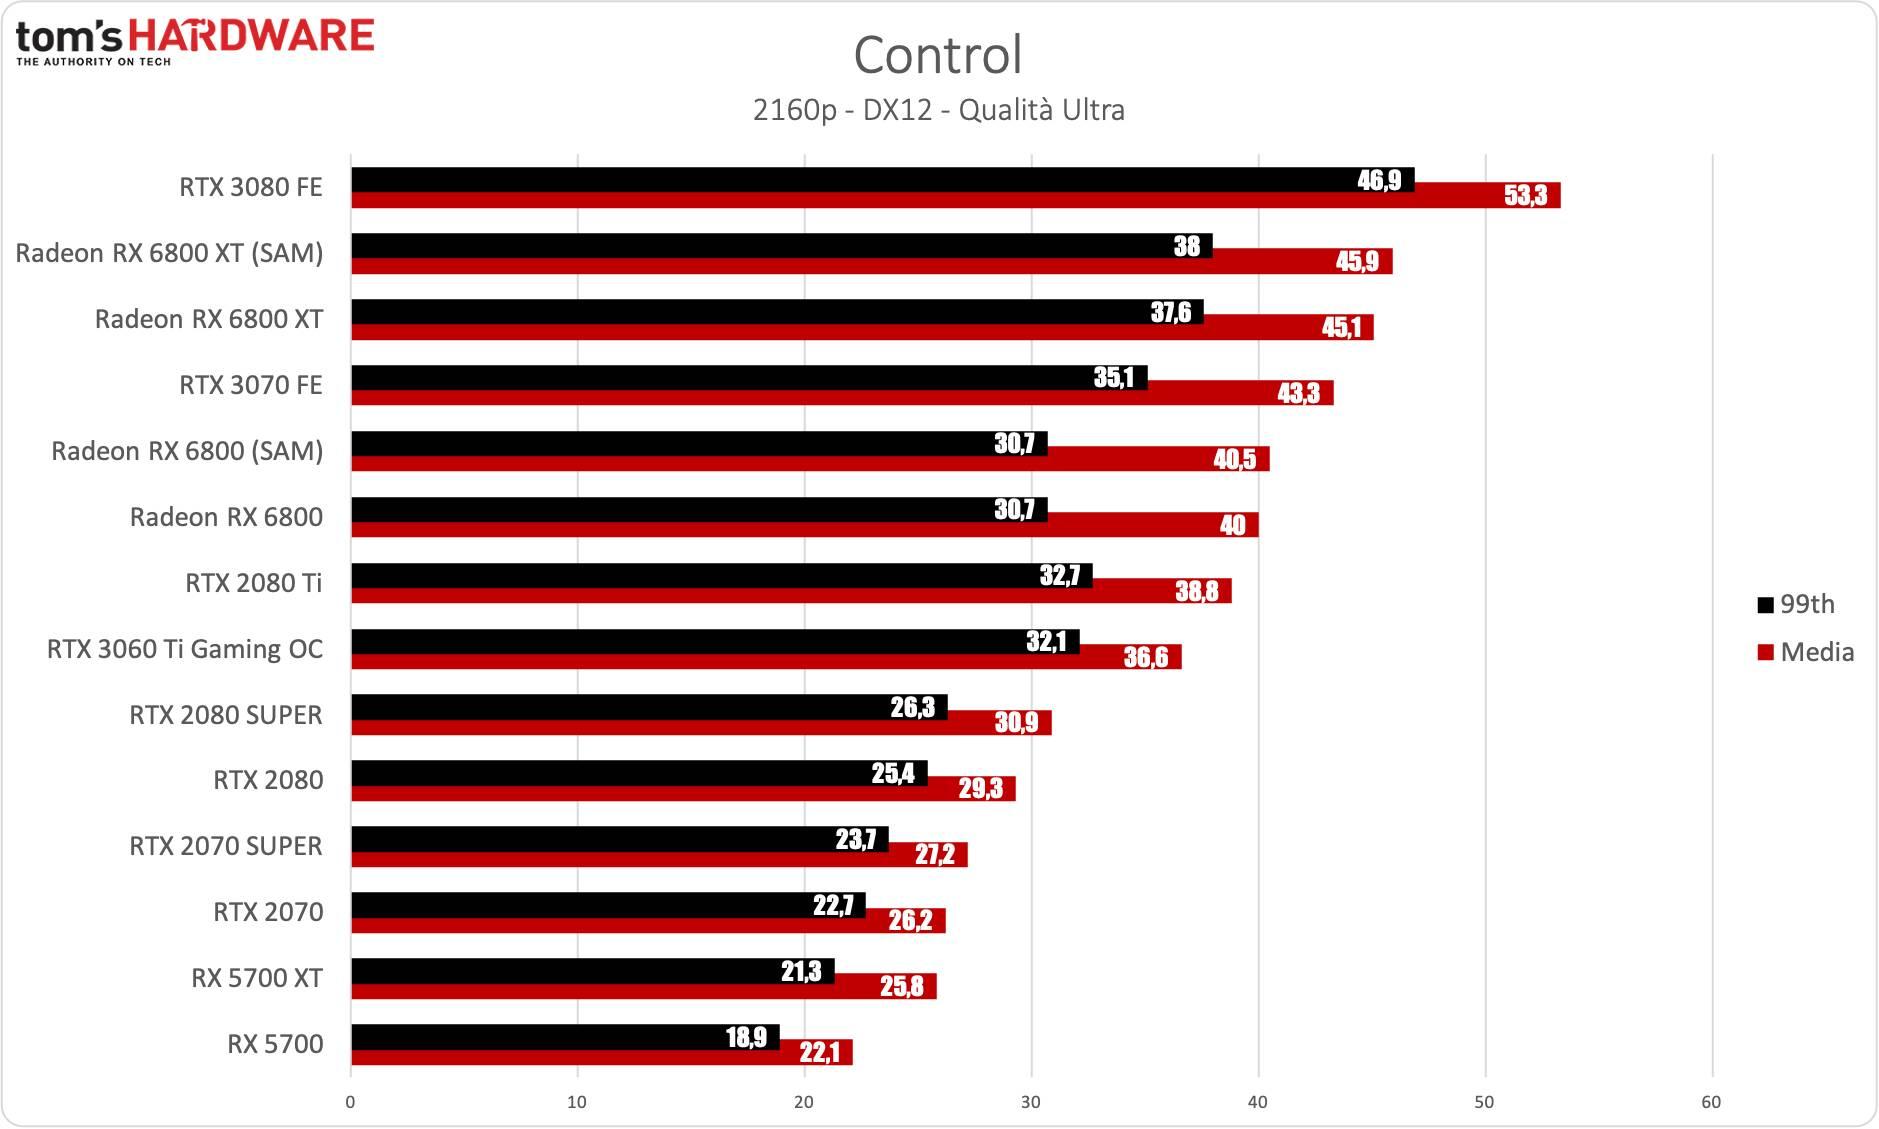 Benchmark Gigabyte RTX 3060 Ti Gaming OC - 4K - Control